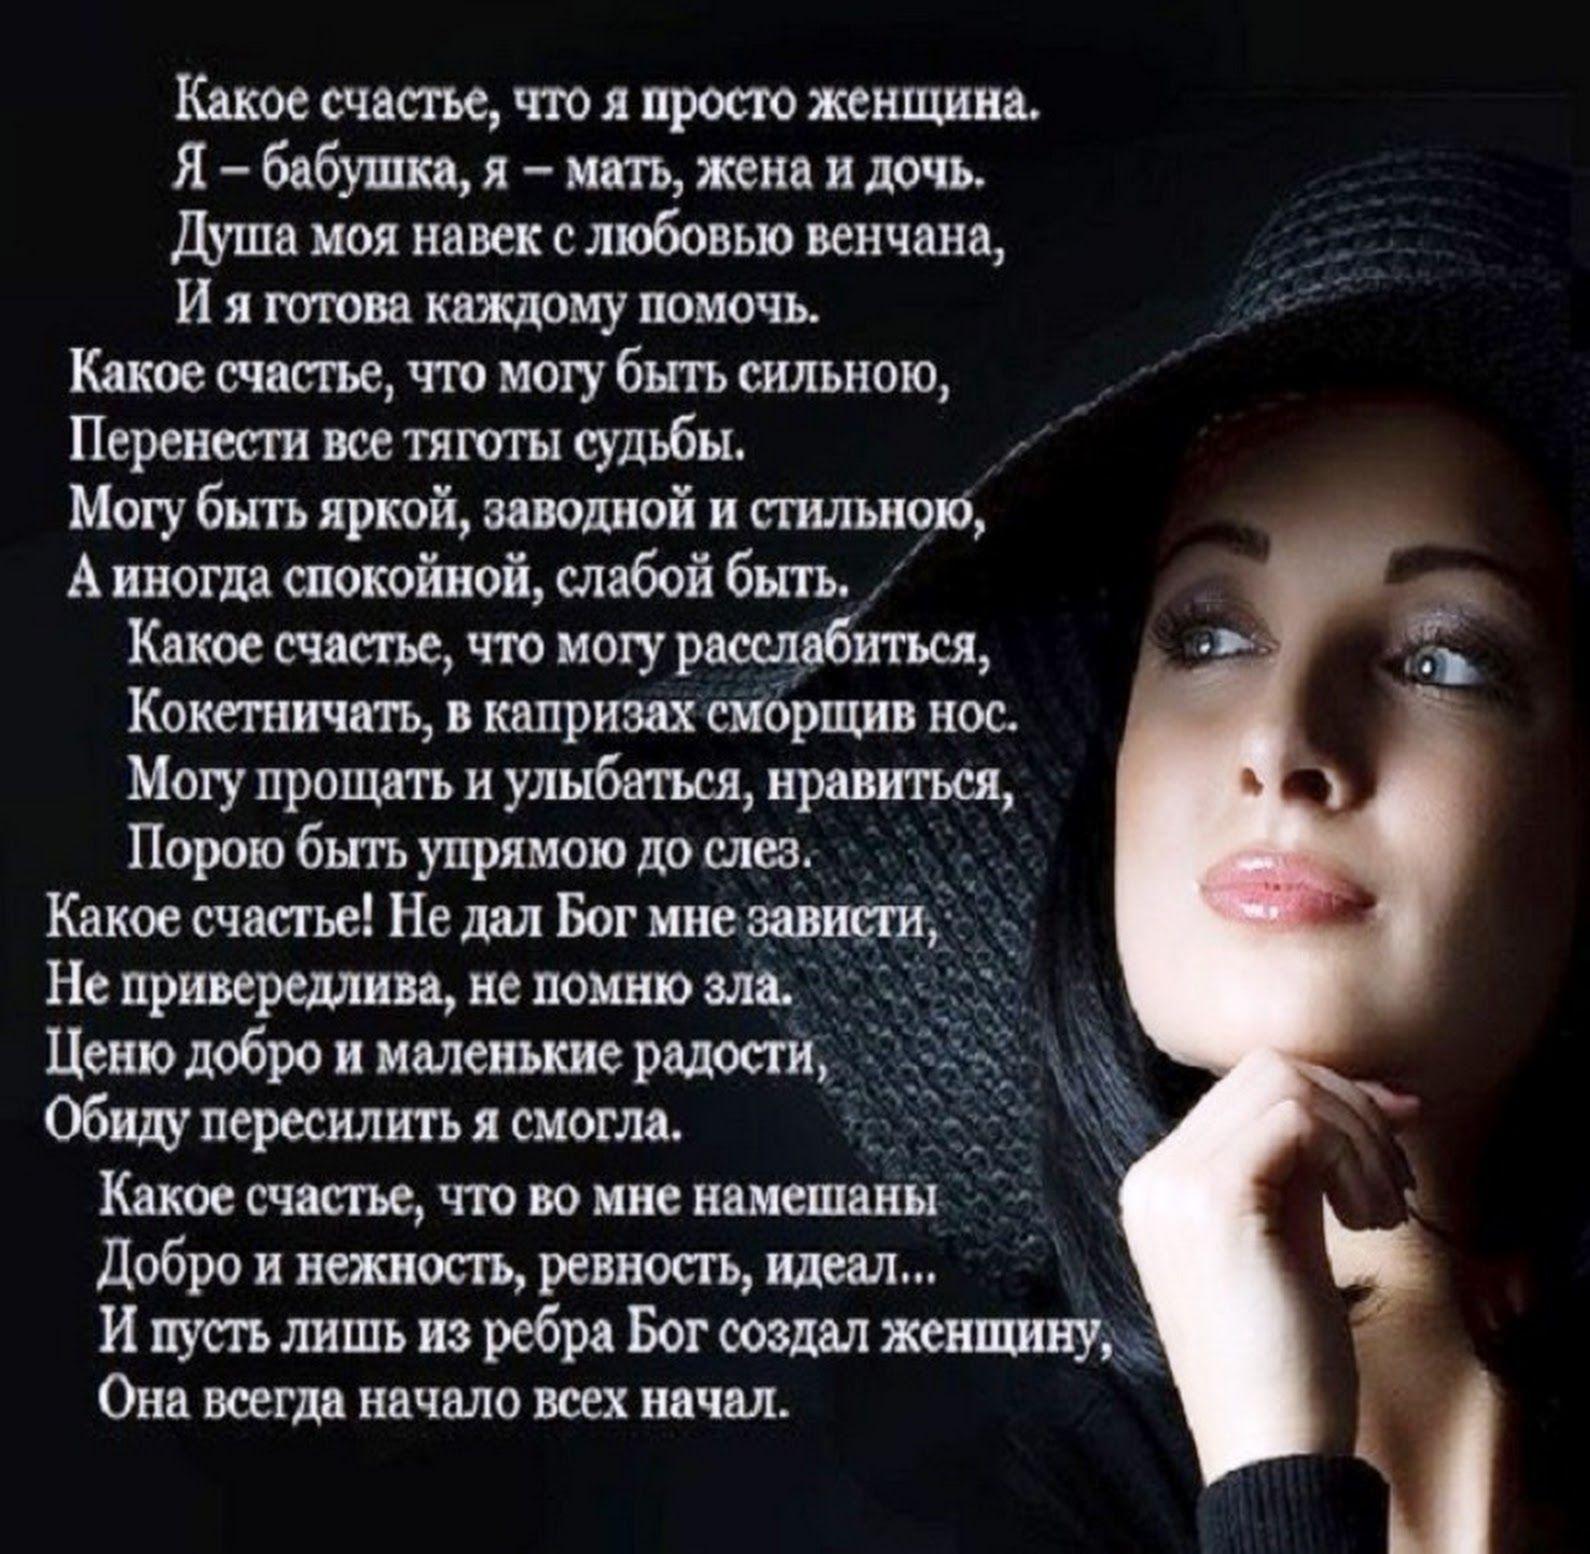 развлечений женское счастье цитаты в картинках тем как делать